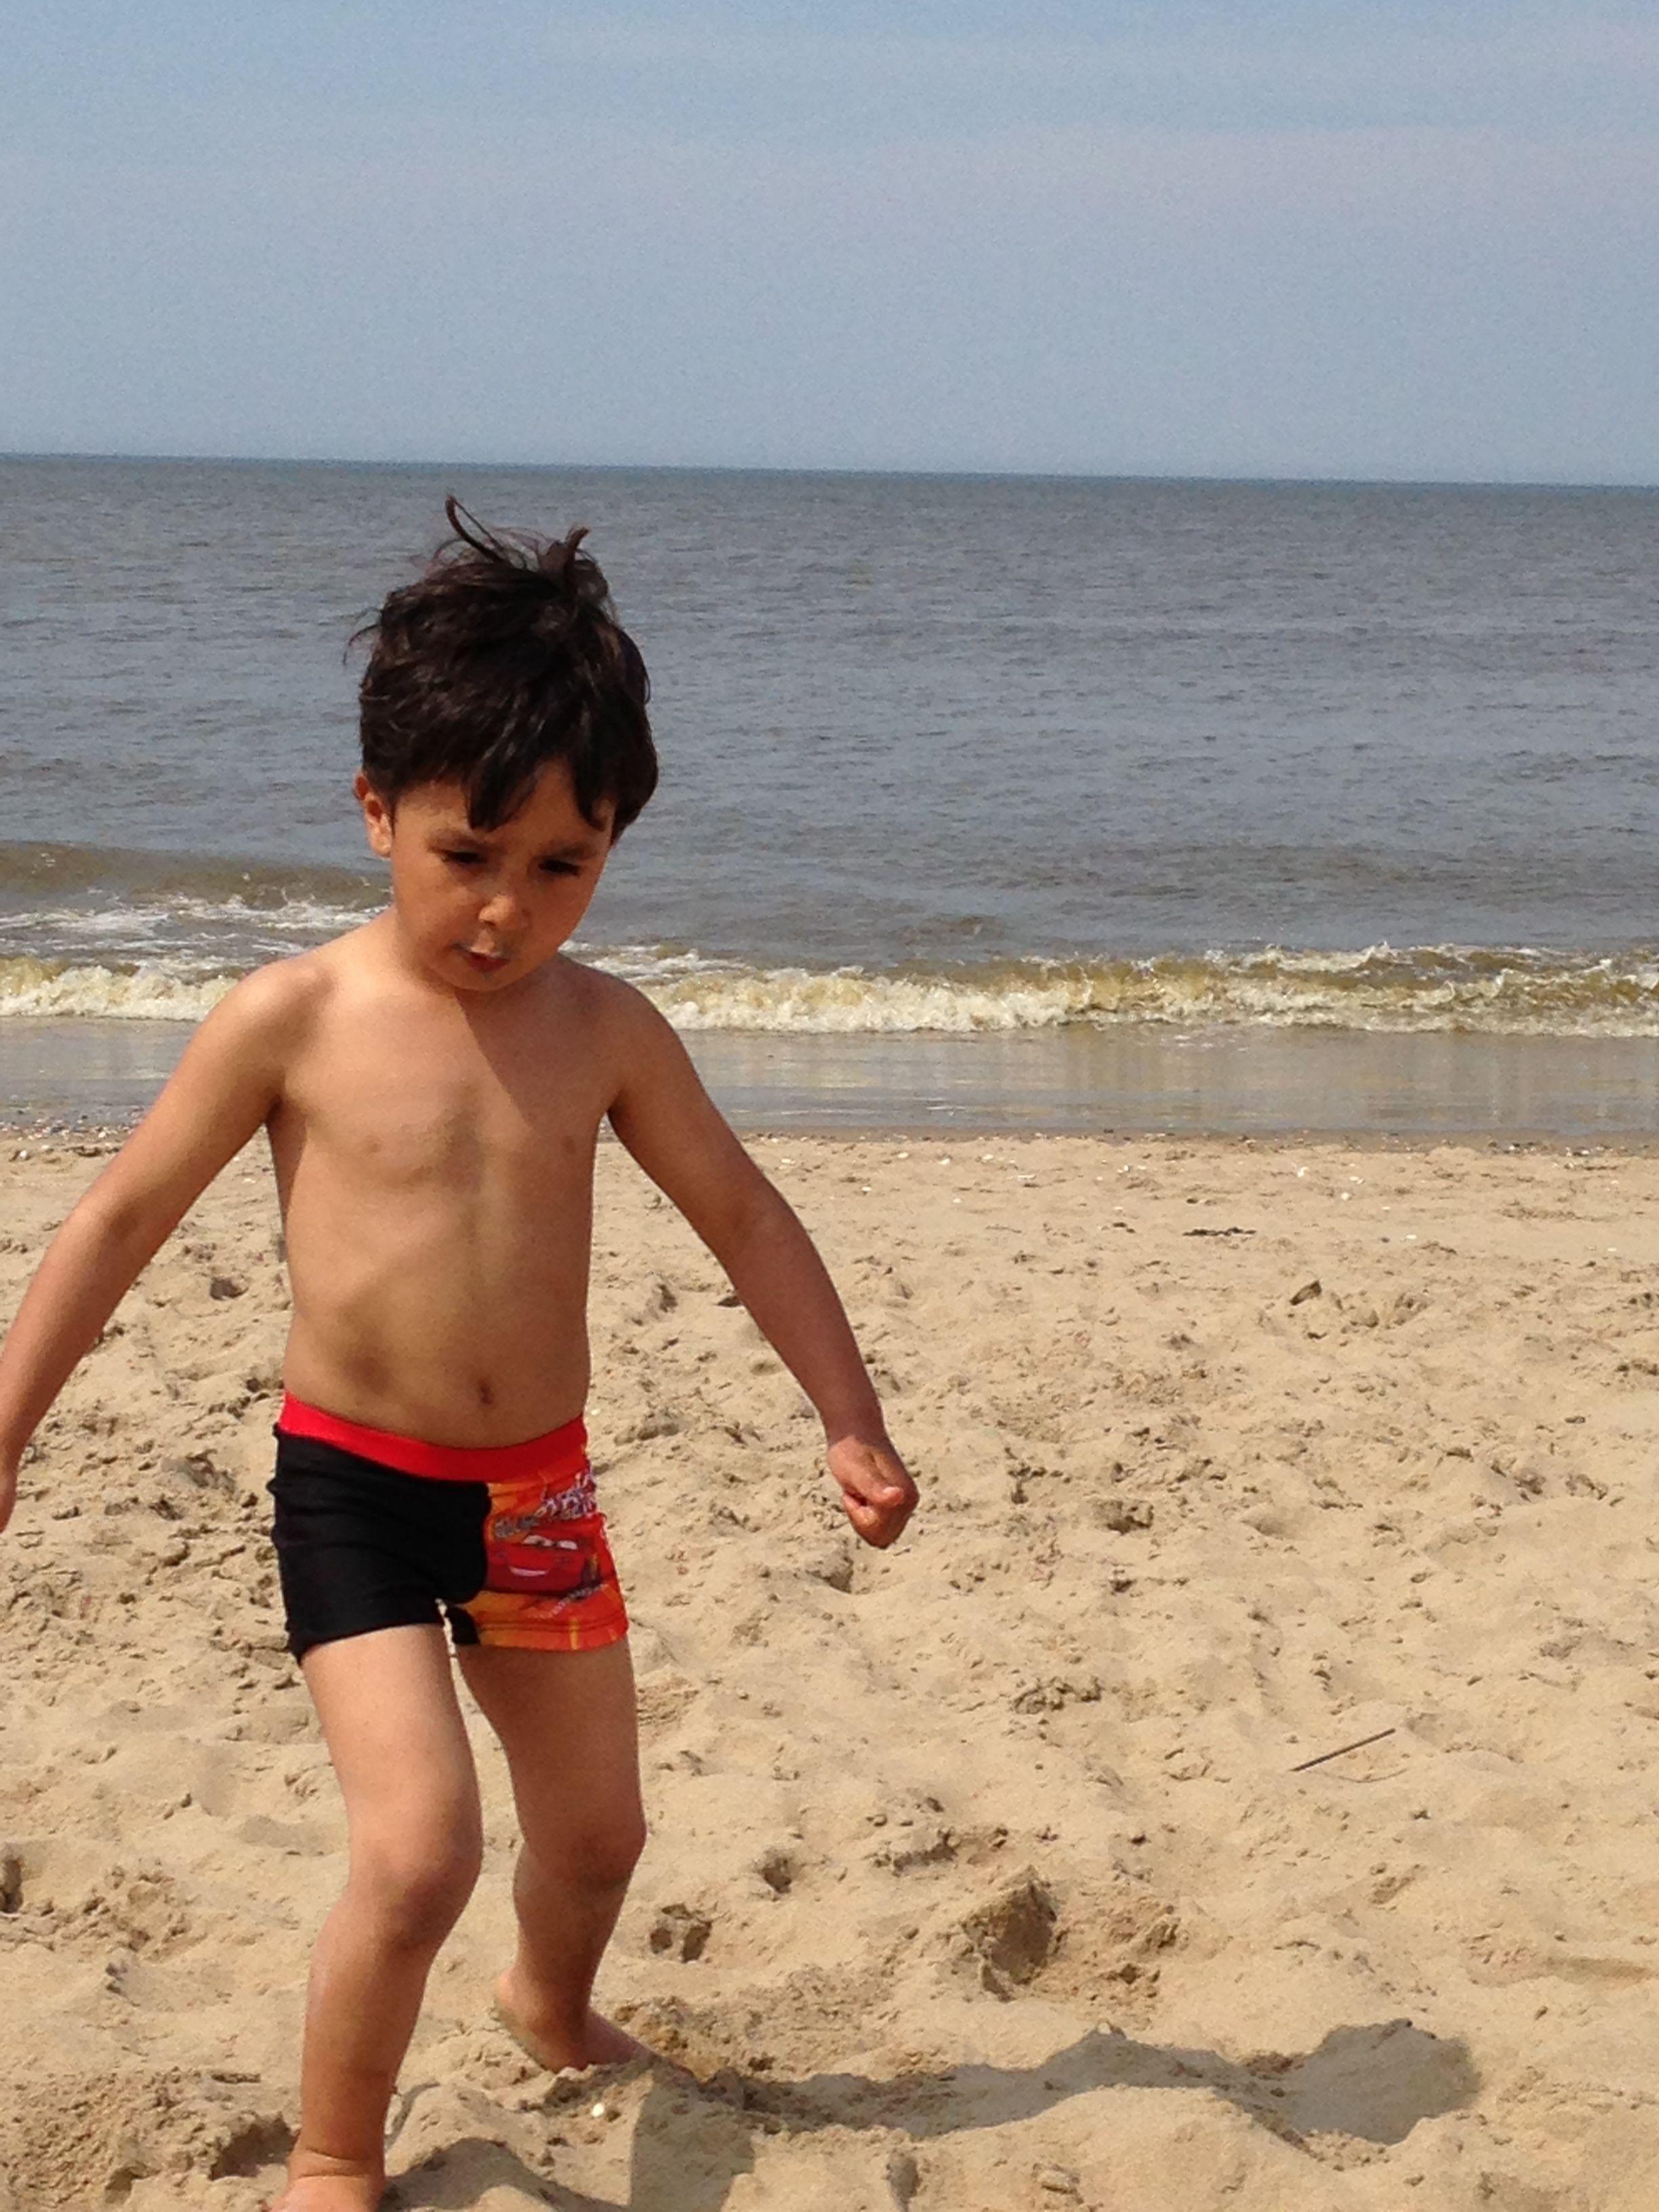 Op het strand 3 mei 2013